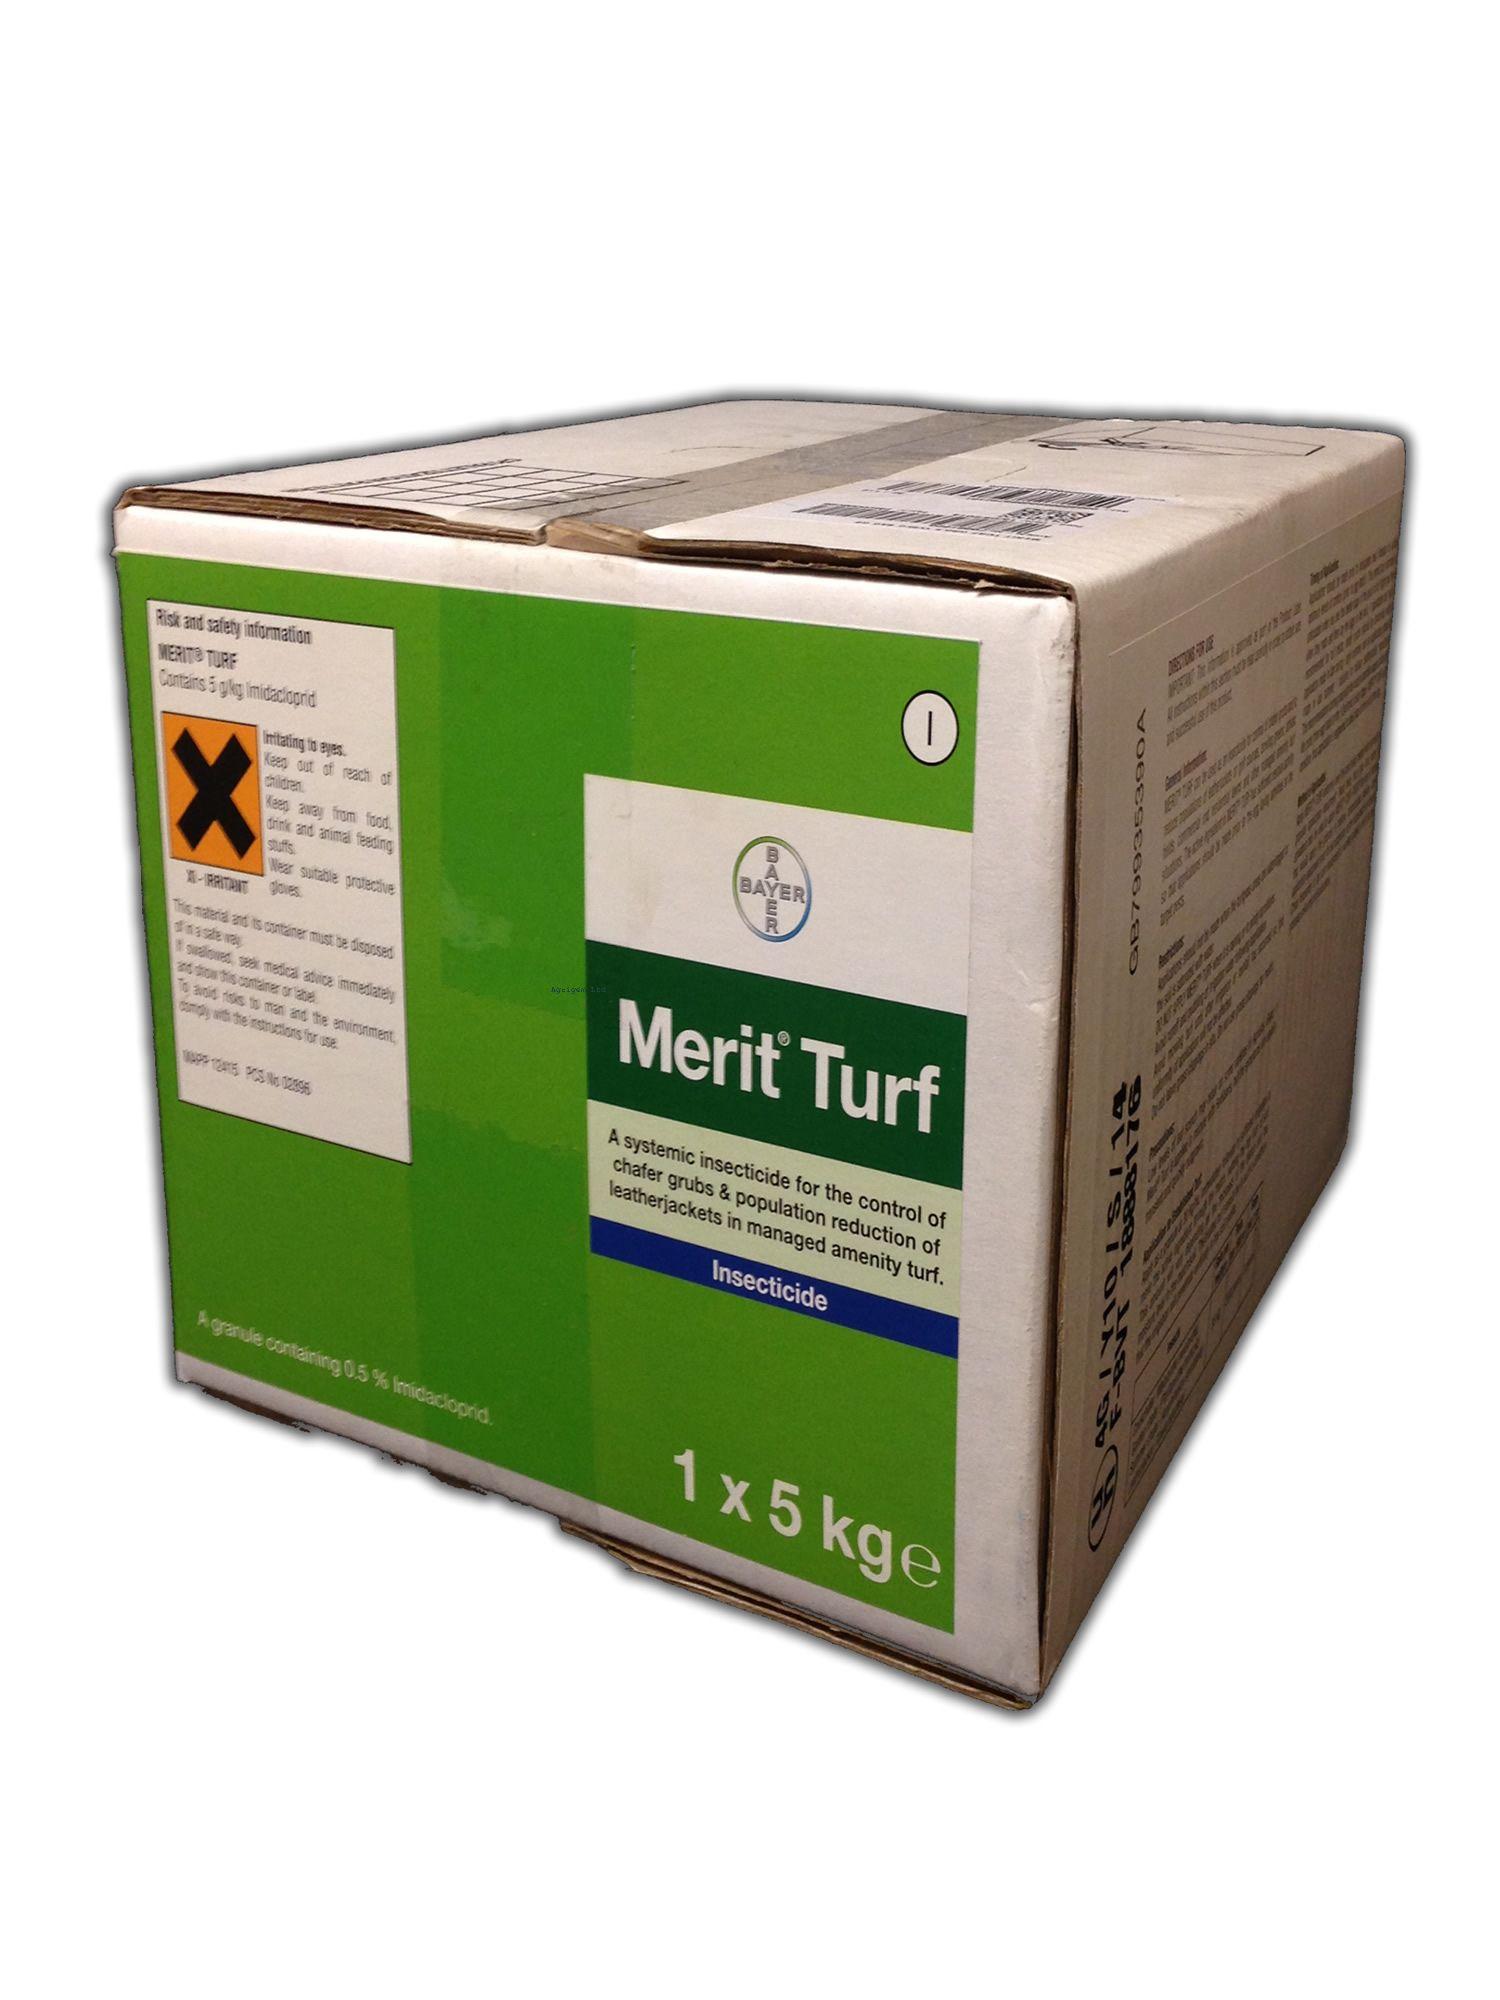 Merit Turf